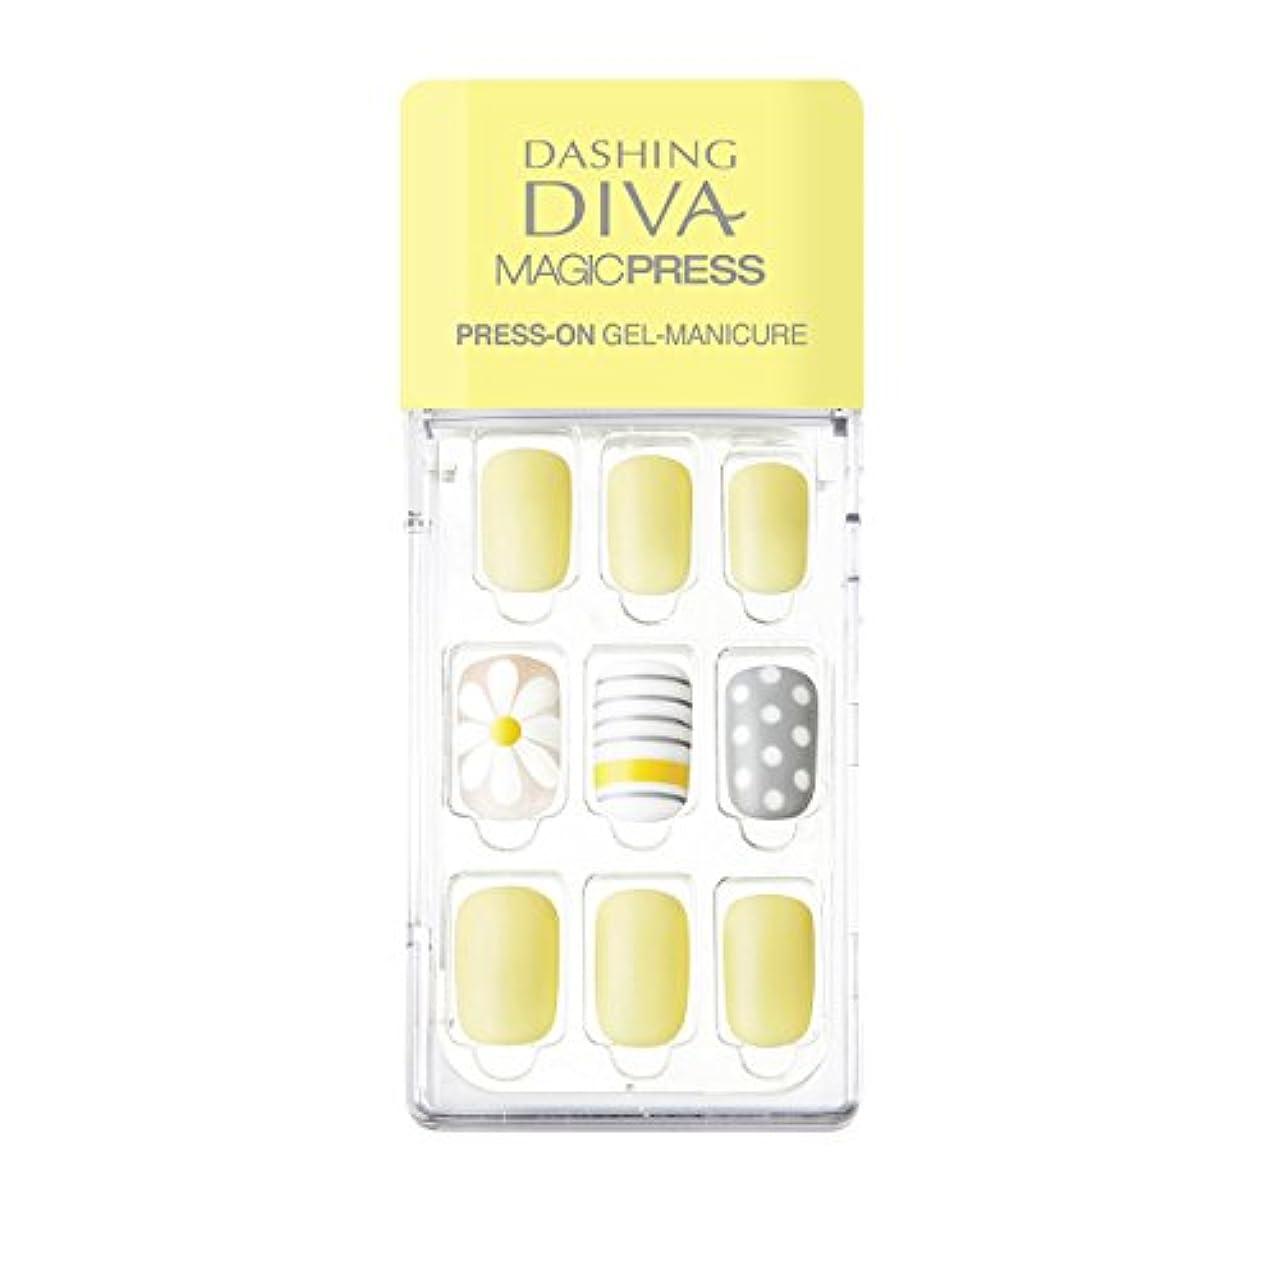 領域要件毎月ダッシングディバ マジックプレス DASHING DIVA MagicPress MDR135-DURY+ オリジナルジェル ネイルチップ